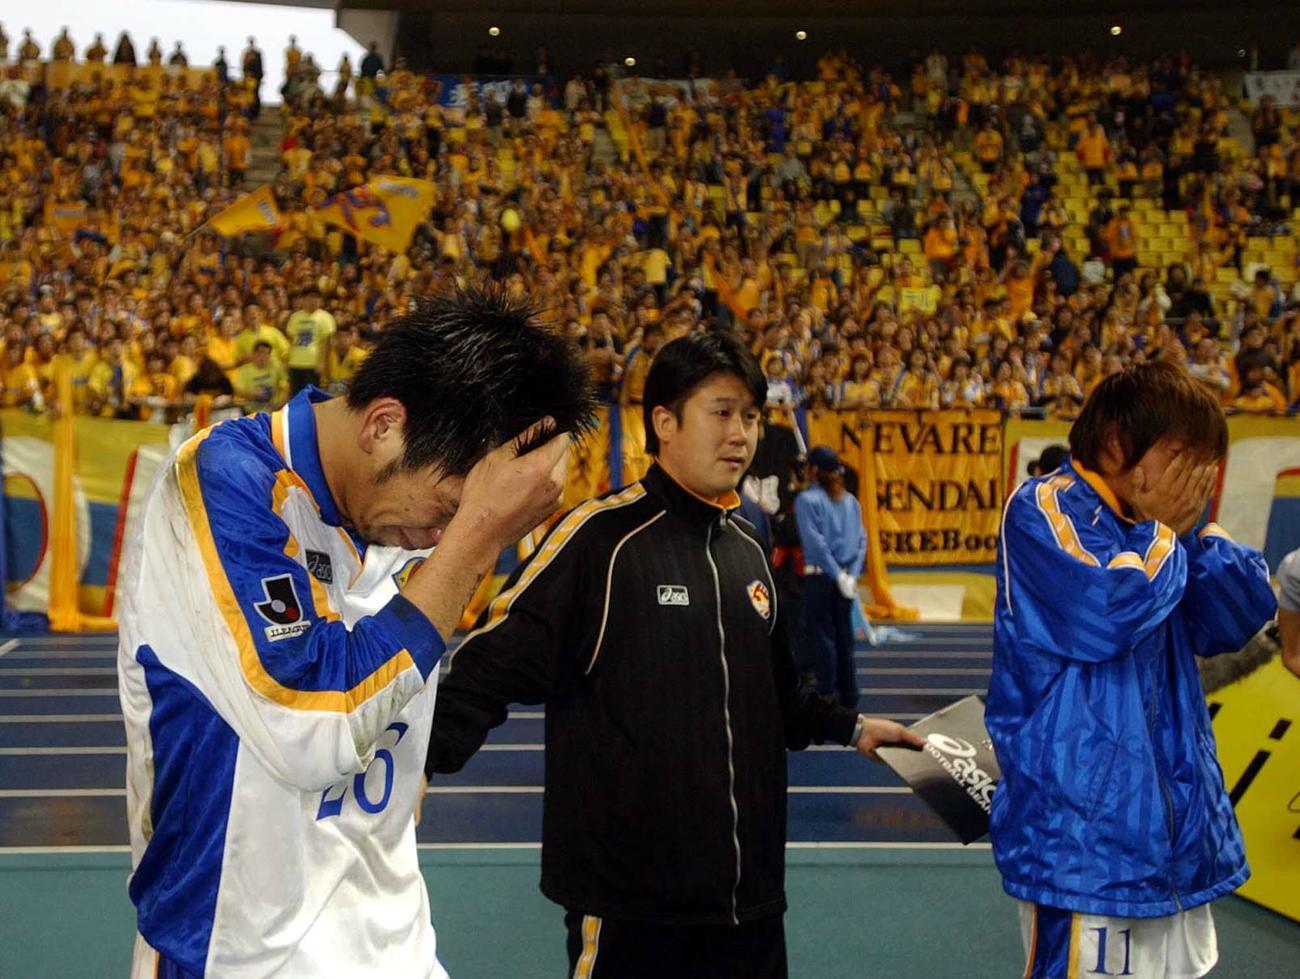 大分対仙台 J2降格が決まり、顔を覆ったままの佐藤寿人(右)(2003年11月29日撮影)